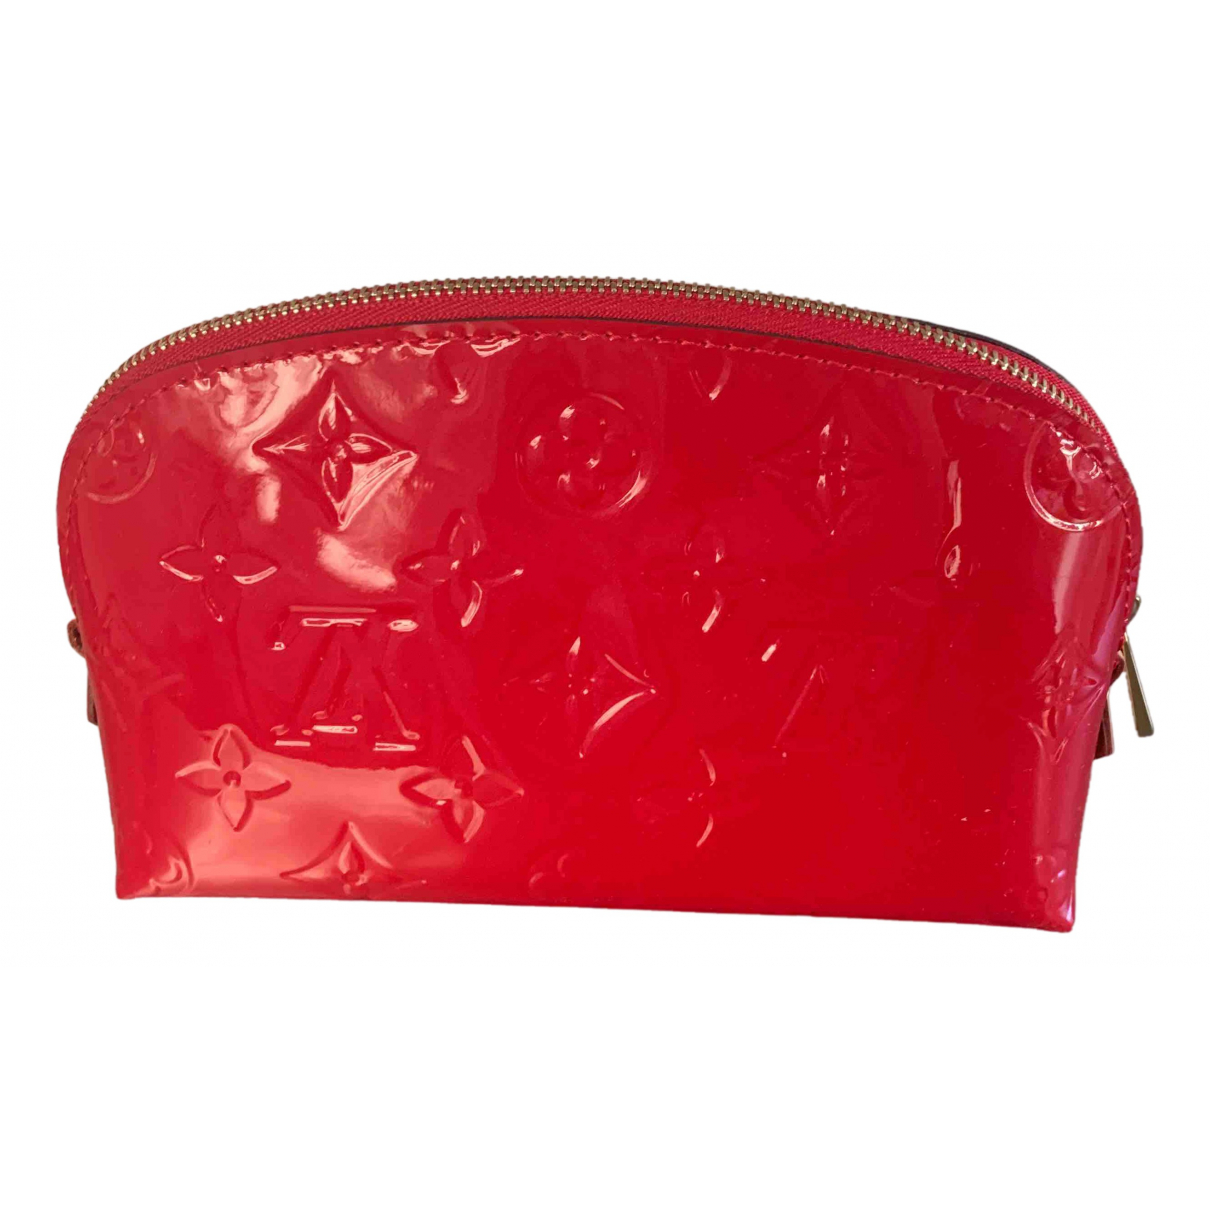 Louis Vuitton - Sac de voyage   pour femme en cuir verni